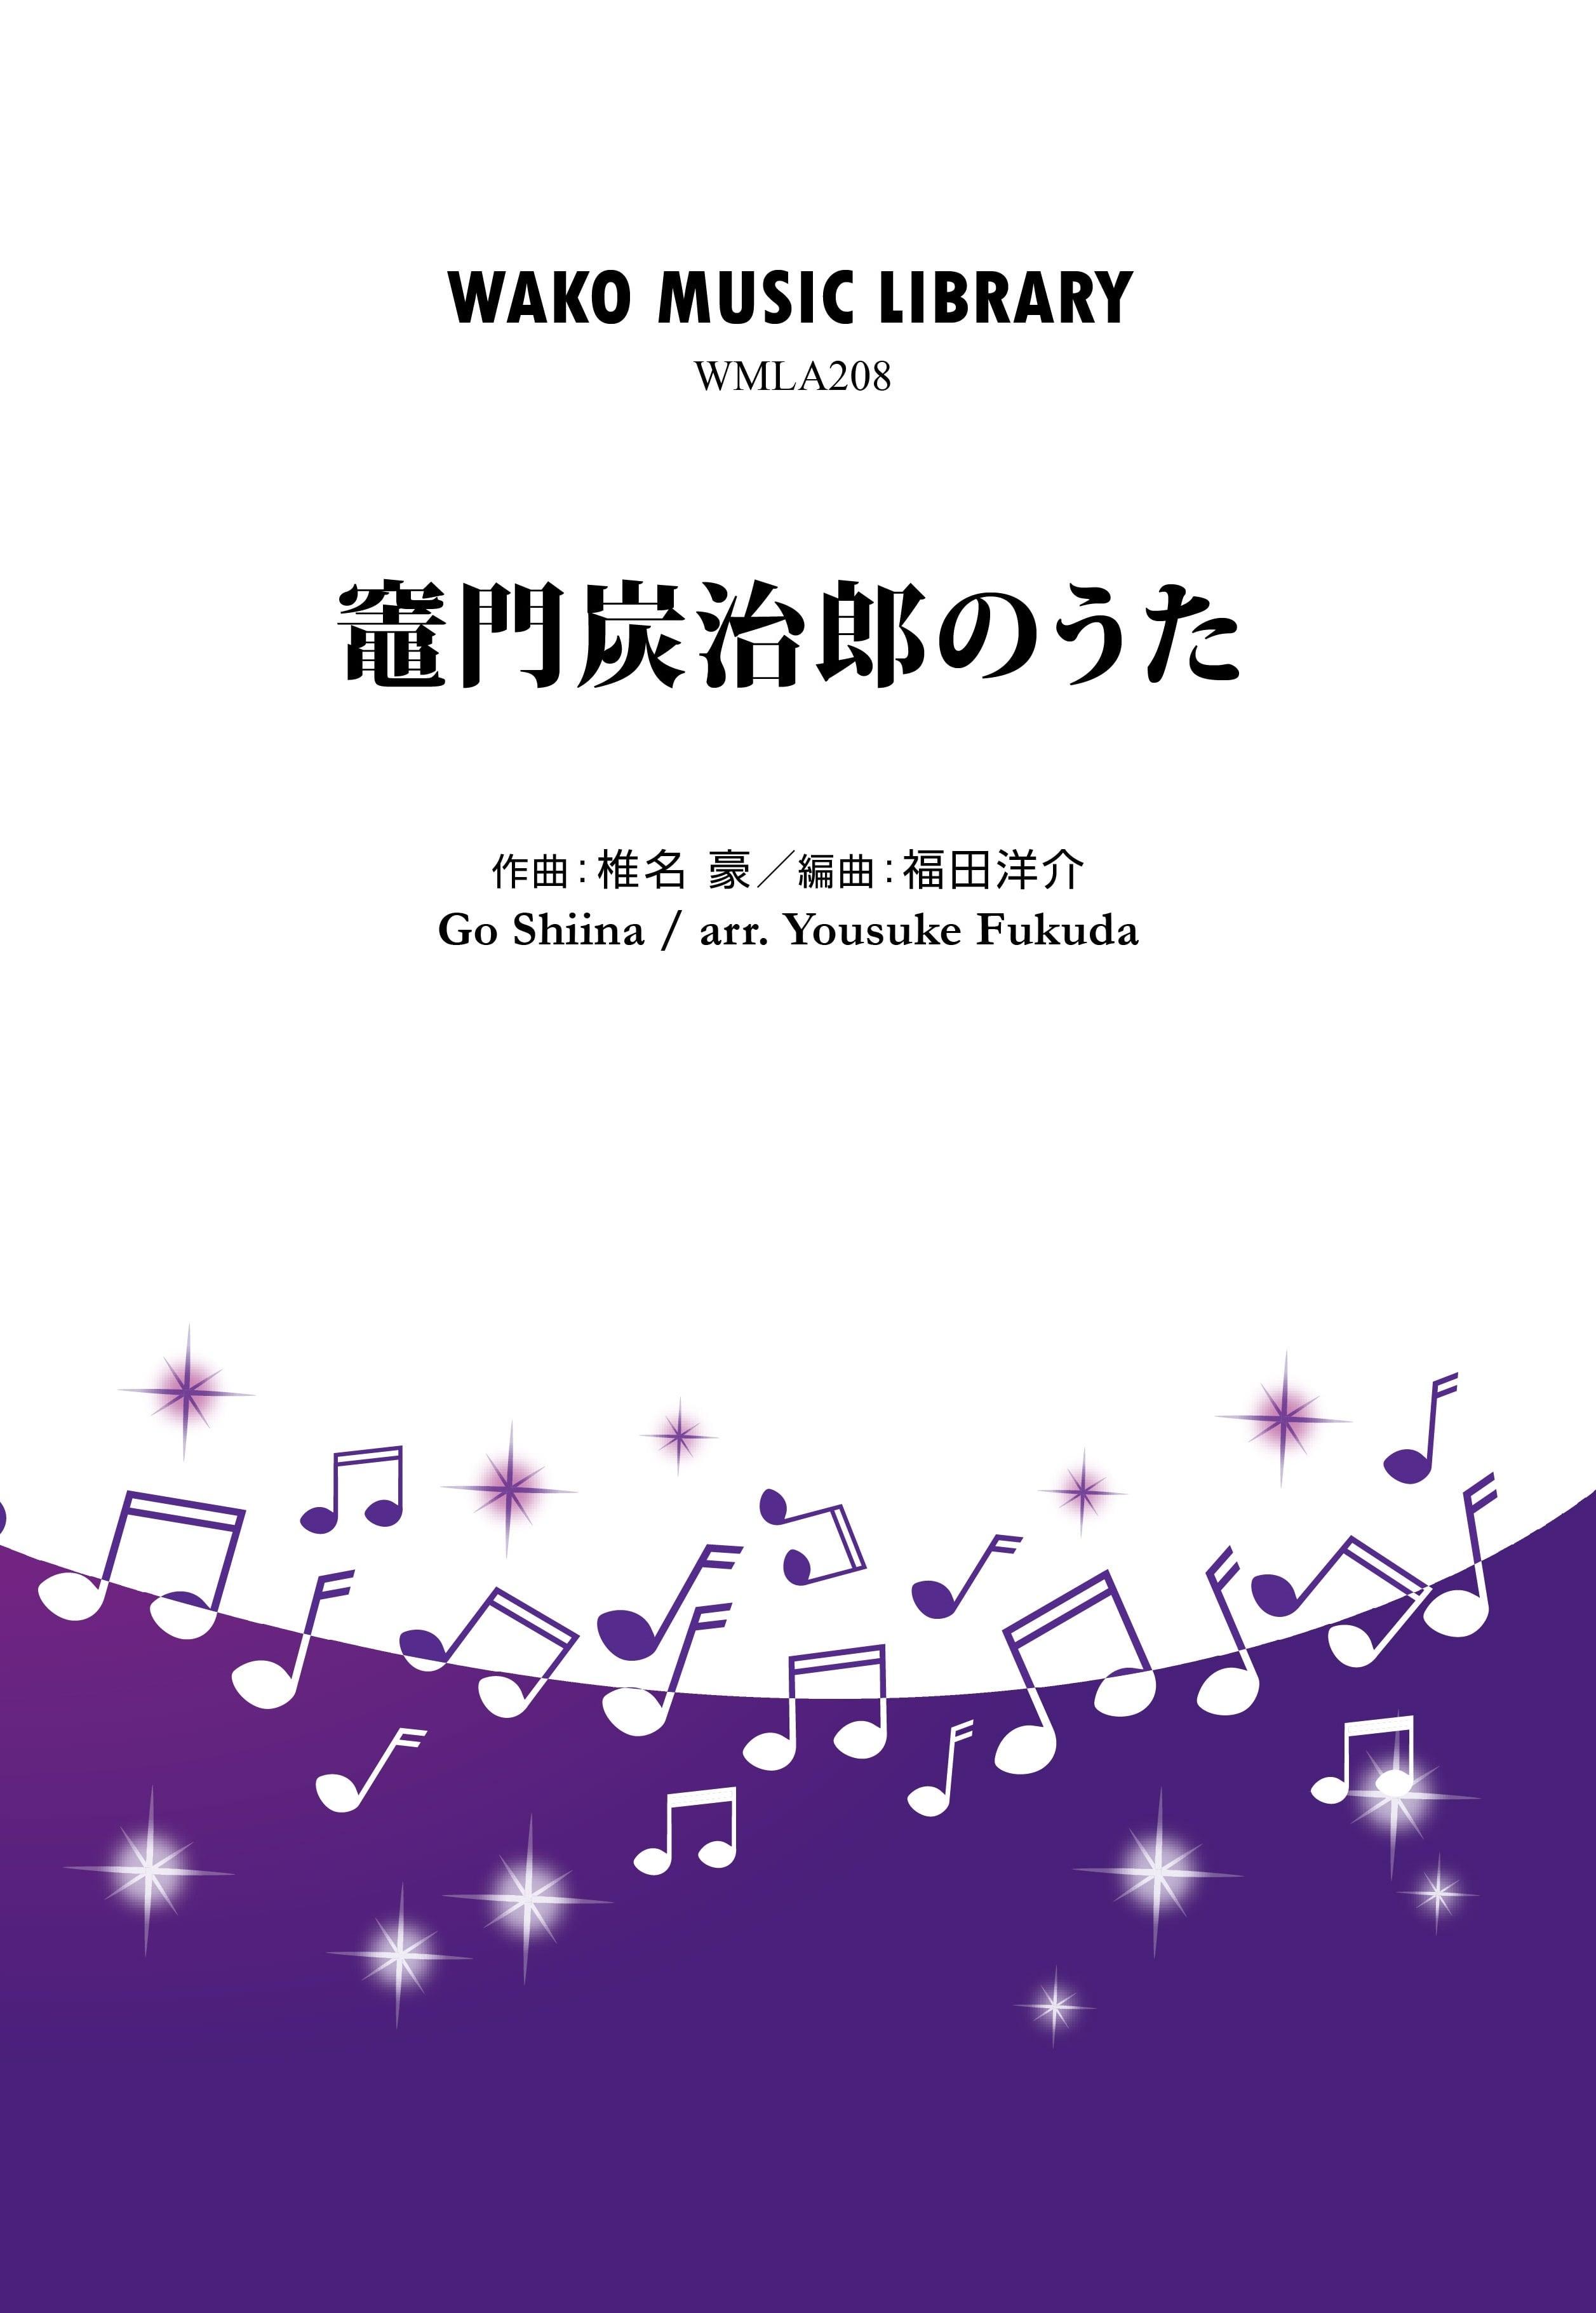 「竈門炭治郎のうた」 / 椎名 豪(arr.福田洋介)(WMLA-0208)